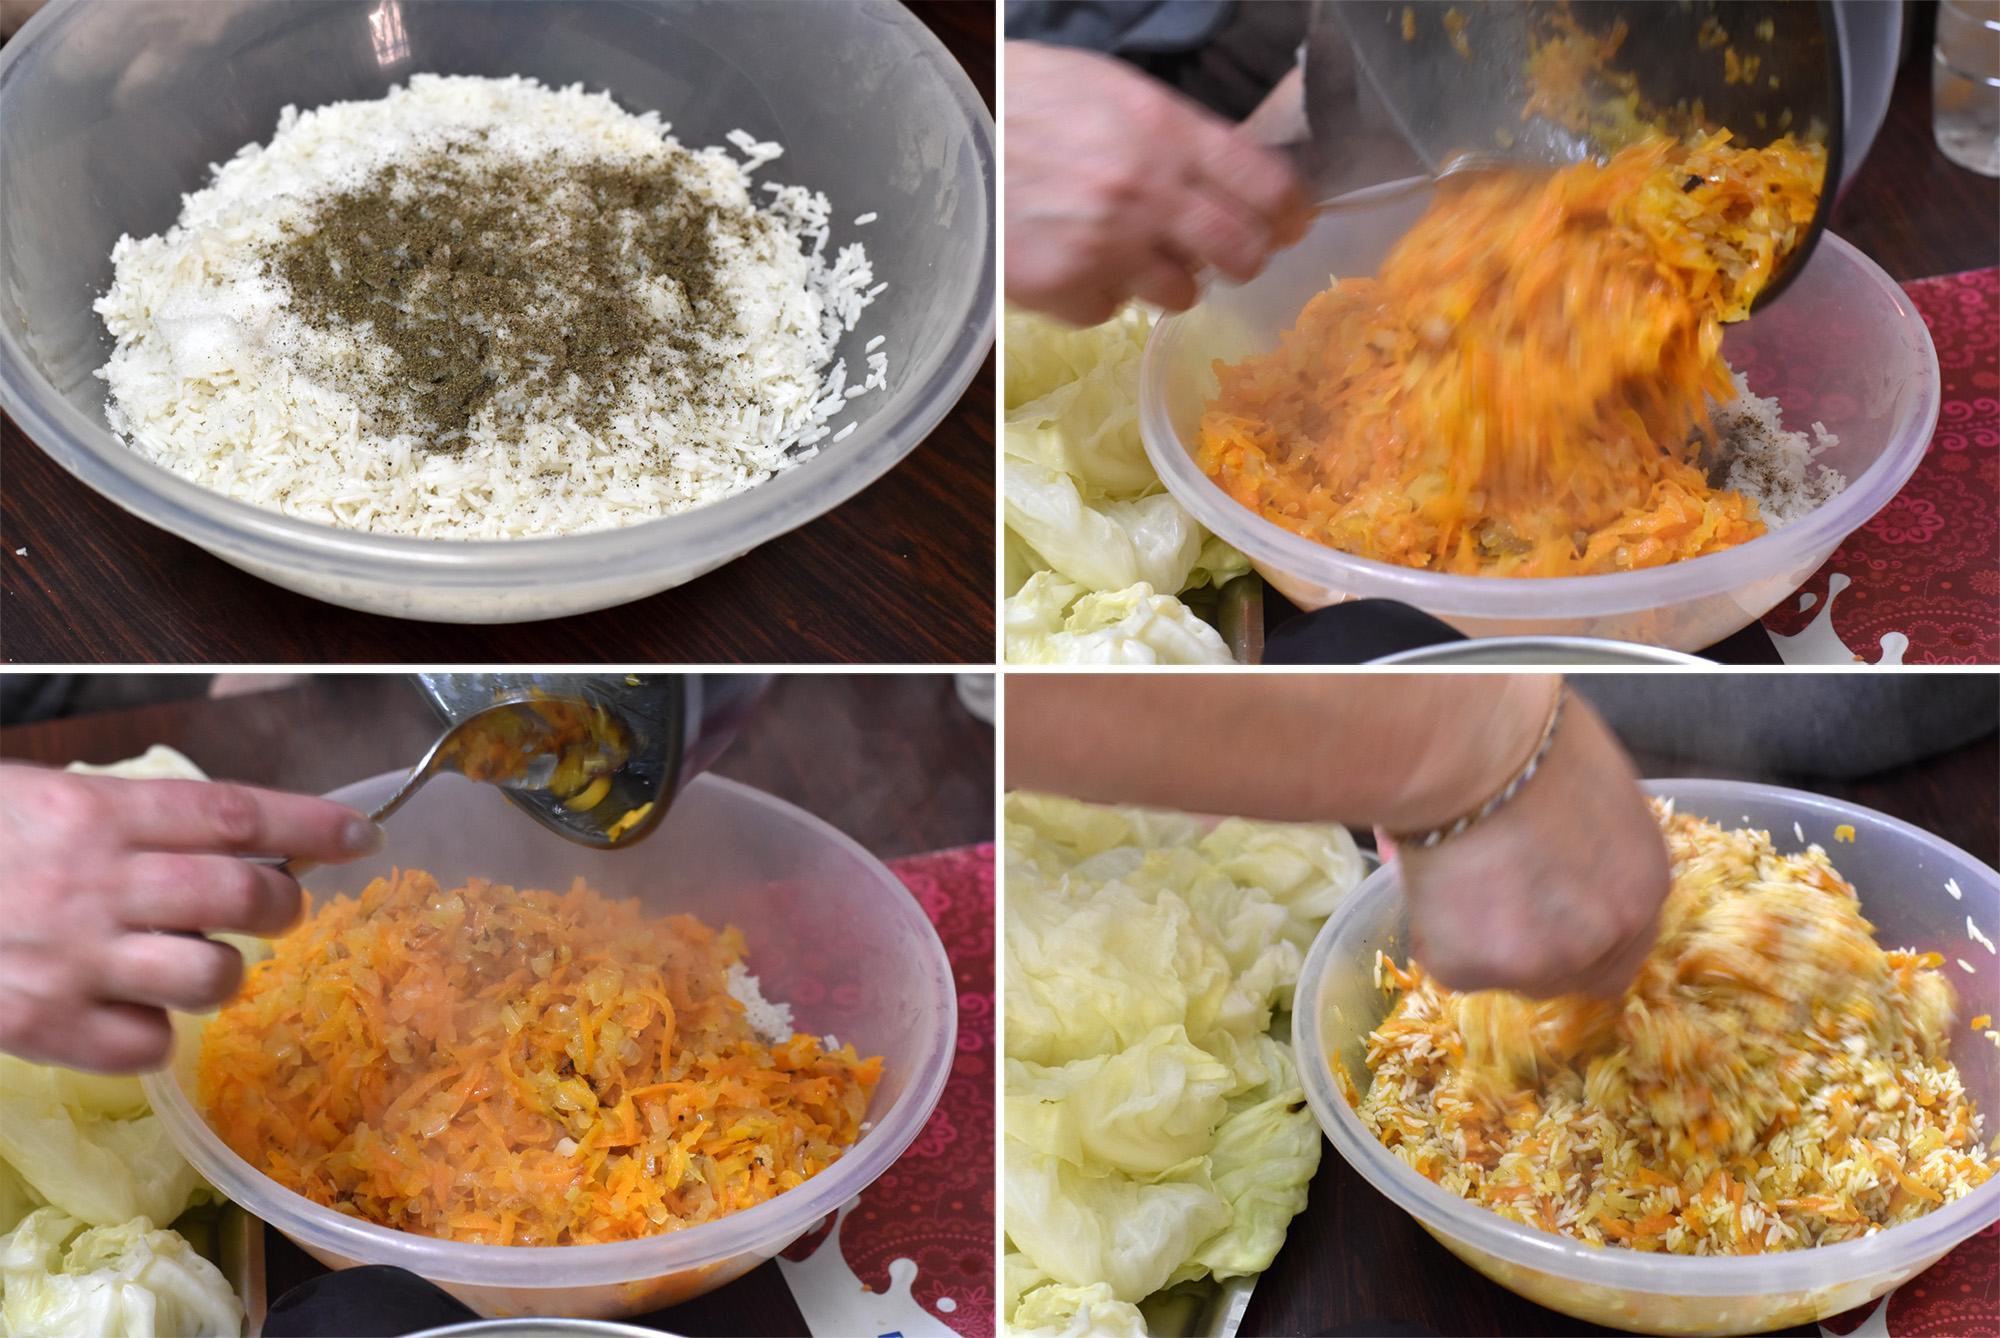 כרוב ממולא באורז וגזר